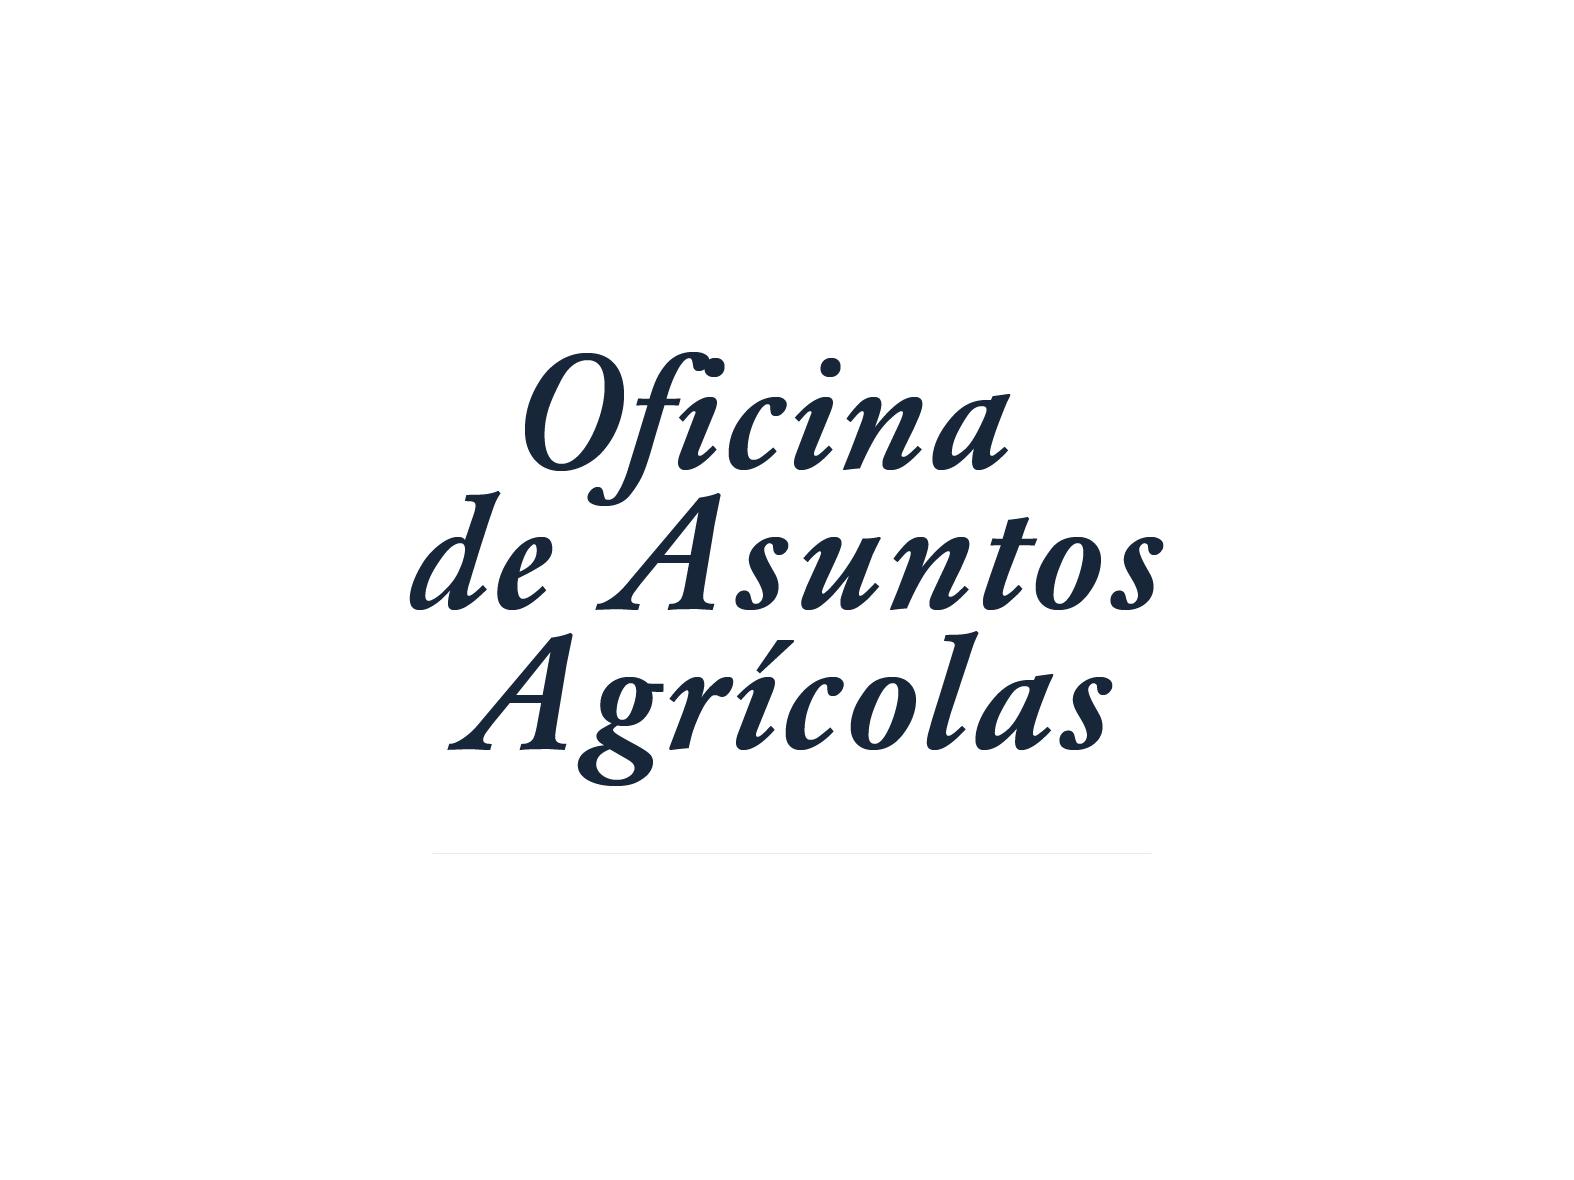 Oficina de Asuntos Agrícolas